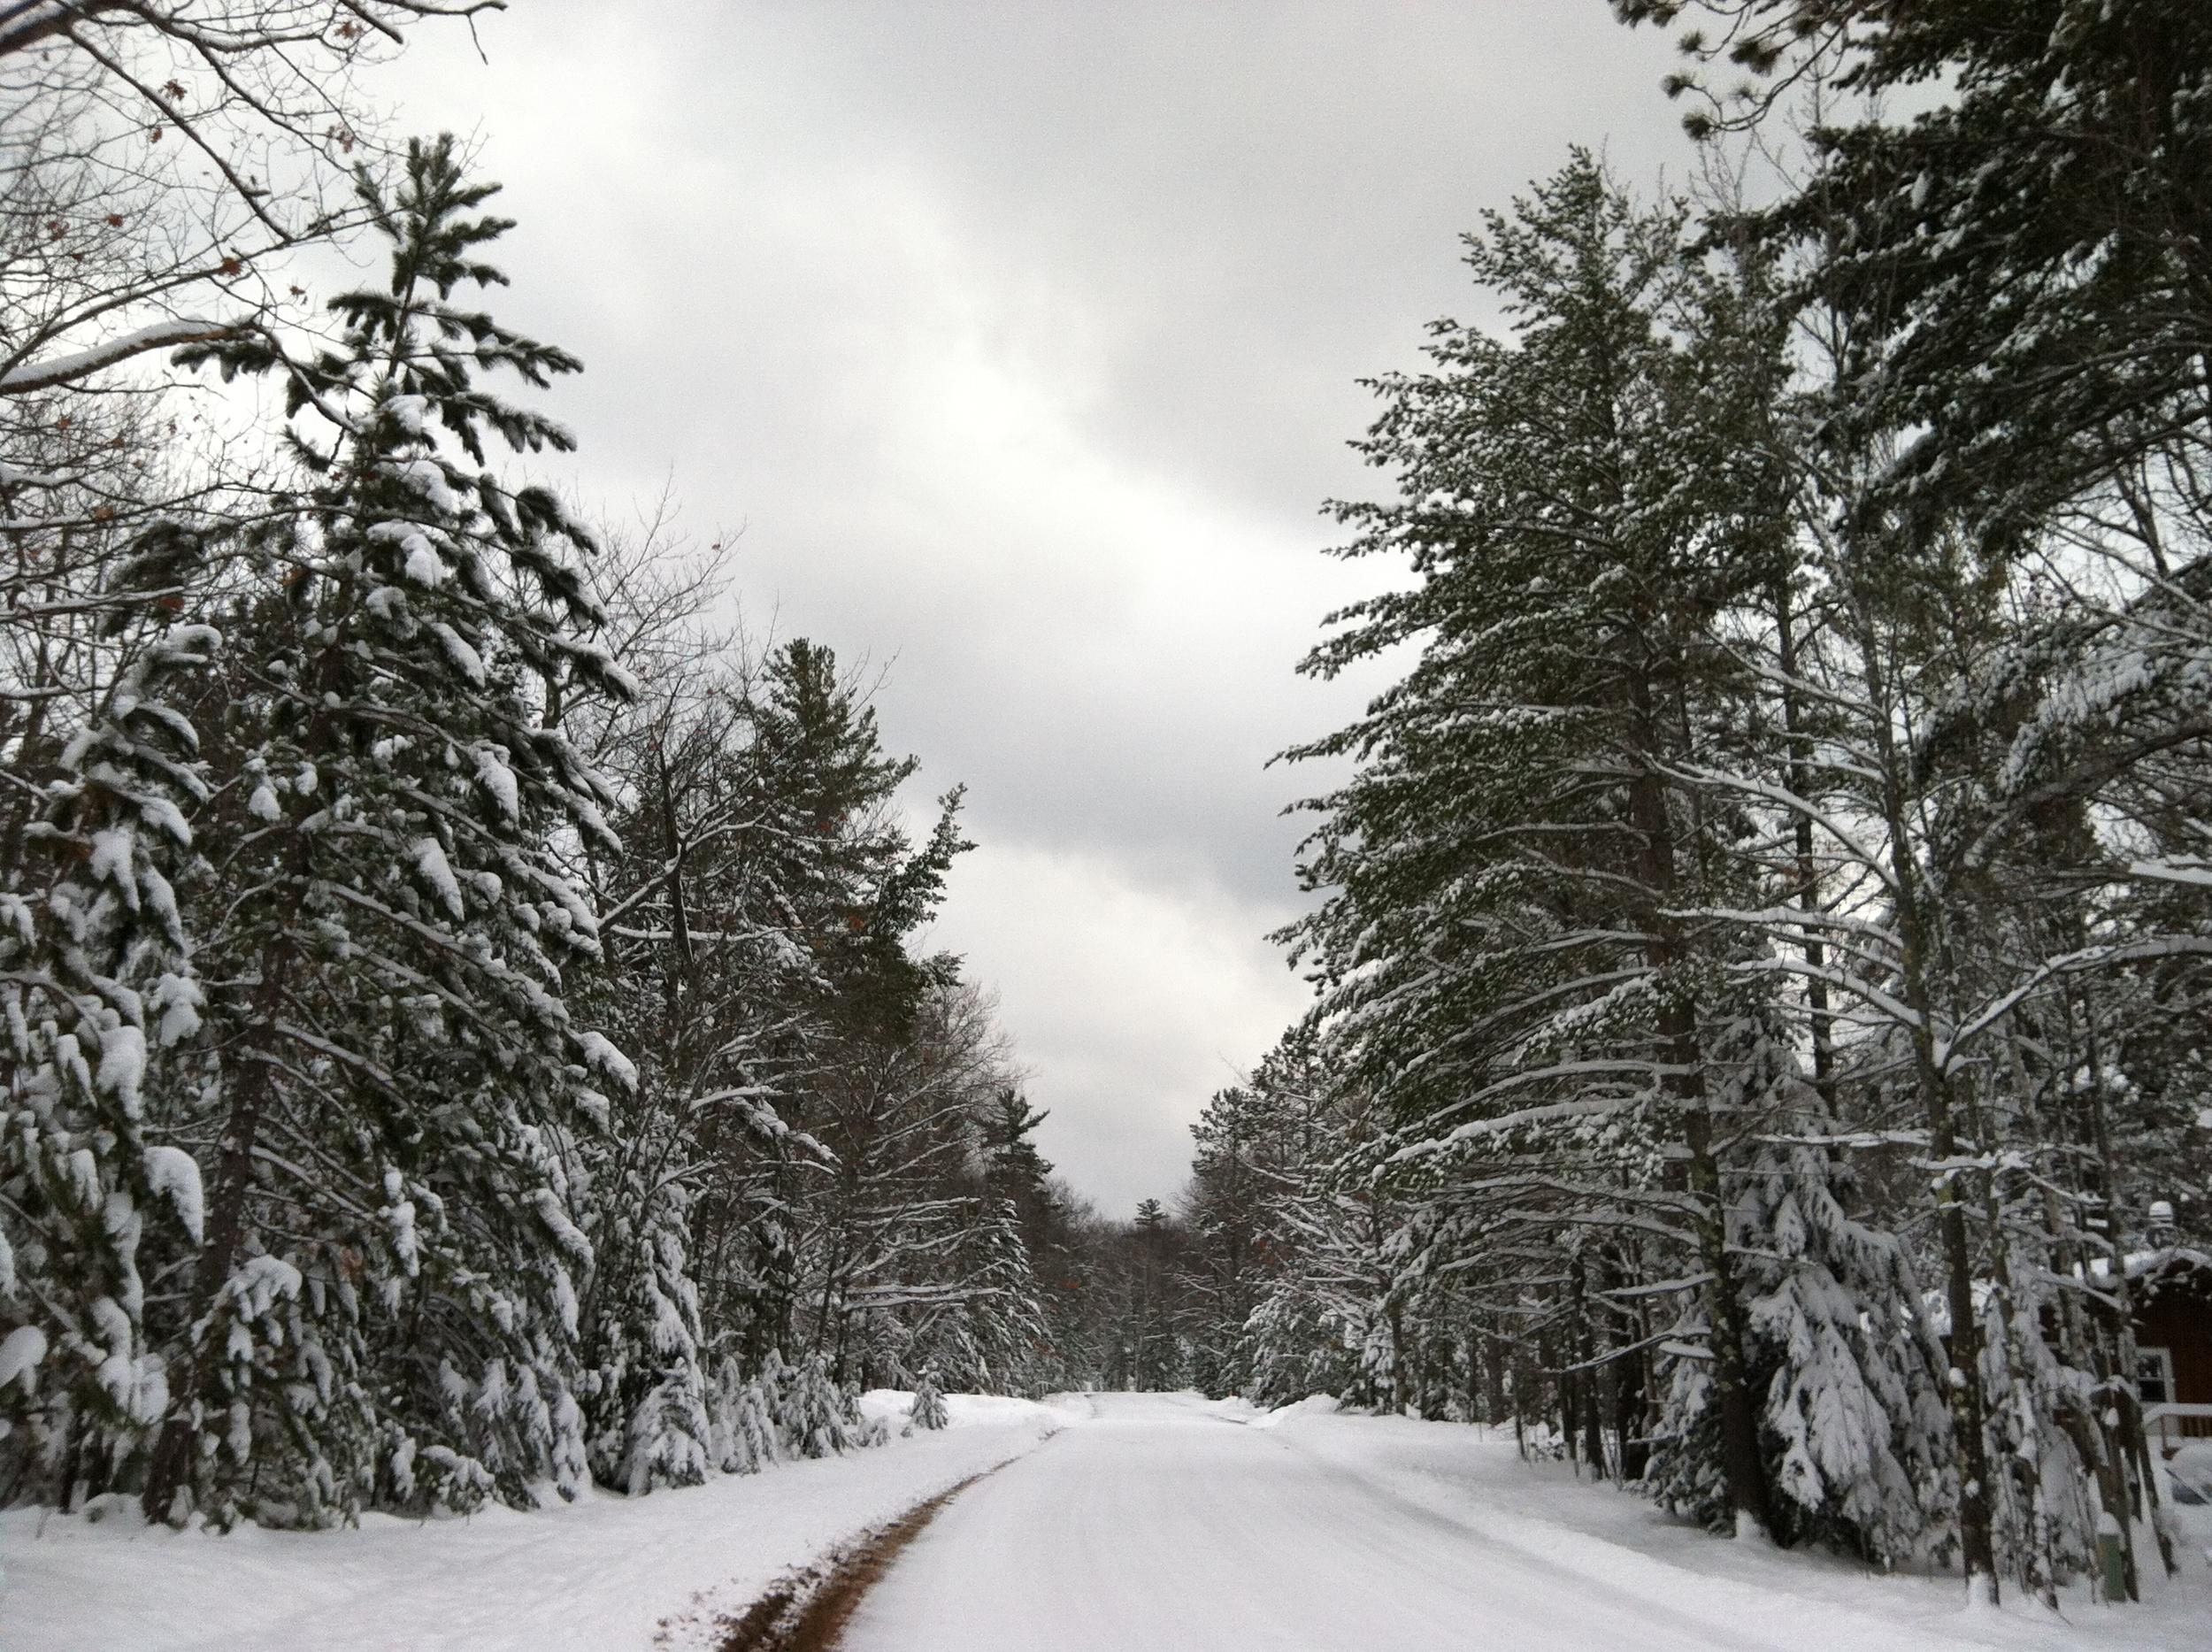 Mondamin Road Winter Scene